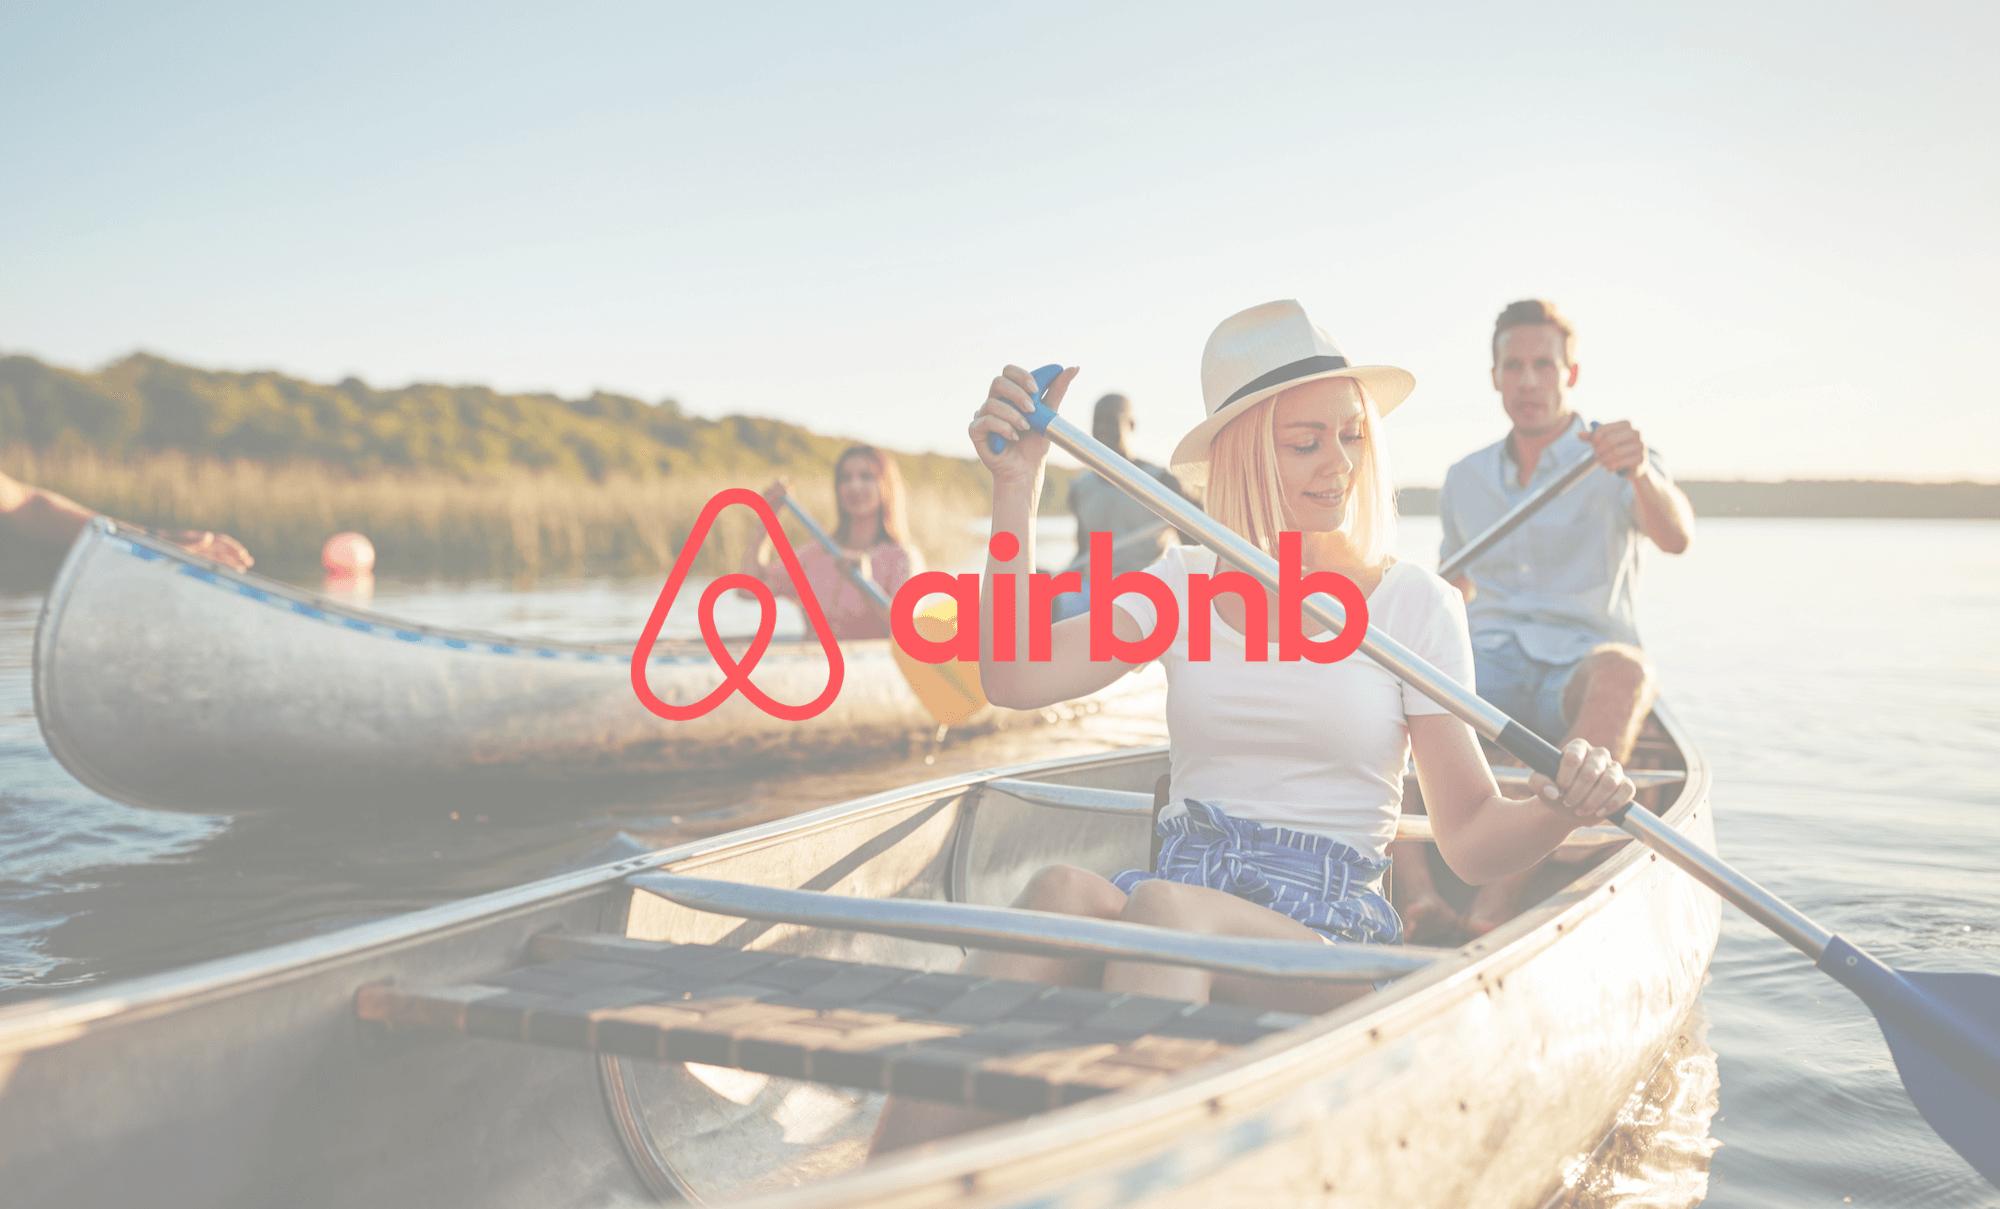 styqr airbnb hosts pourquoi vous devriez cr er vos. Black Bedroom Furniture Sets. Home Design Ideas